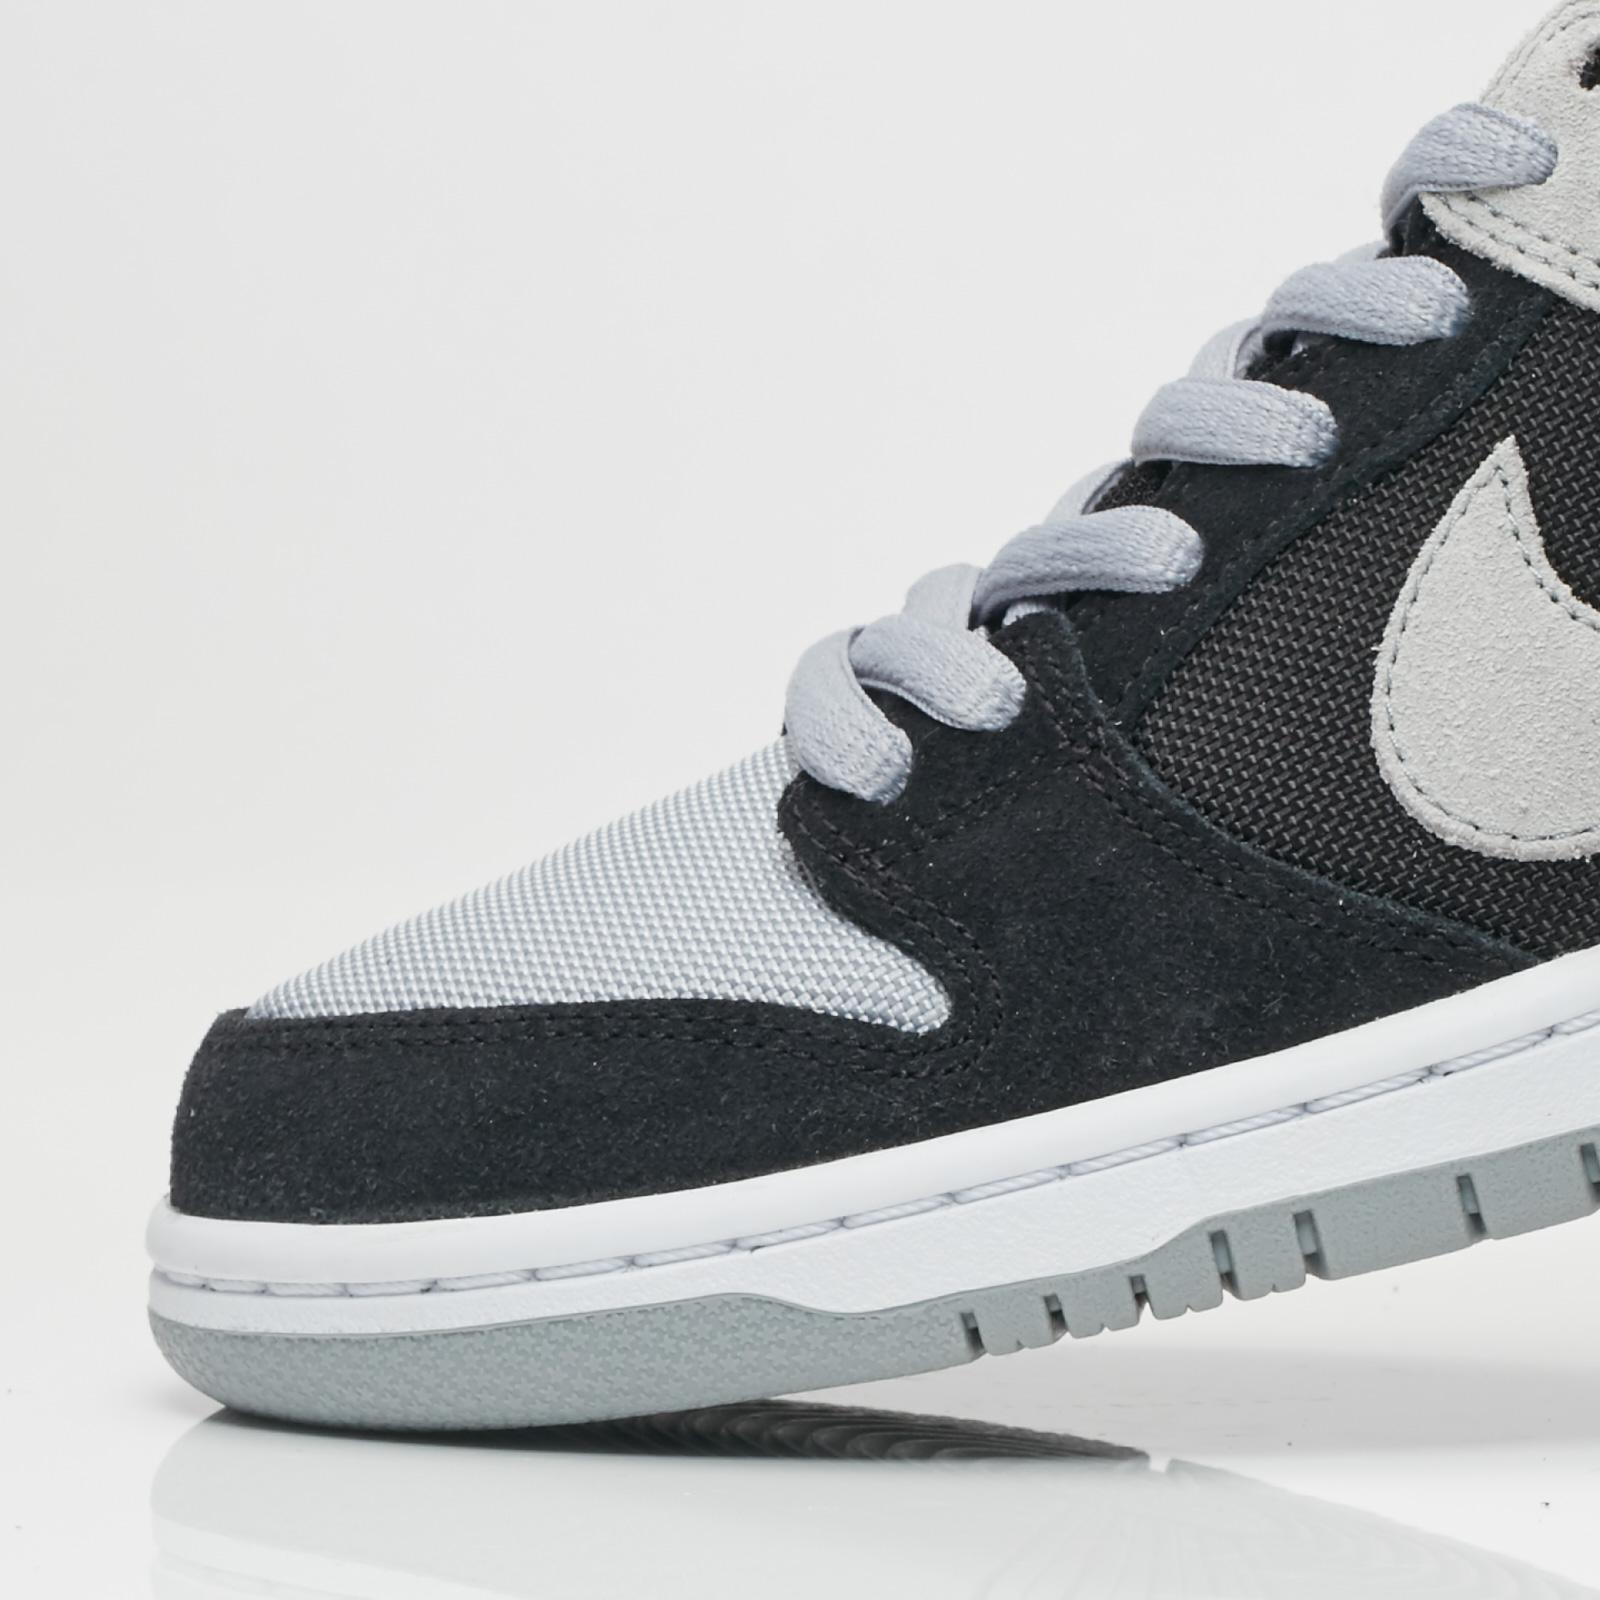 Nike Zoom Dunk Low Pro - 854866-001 - Sneakersnstuff  e57b2afec470